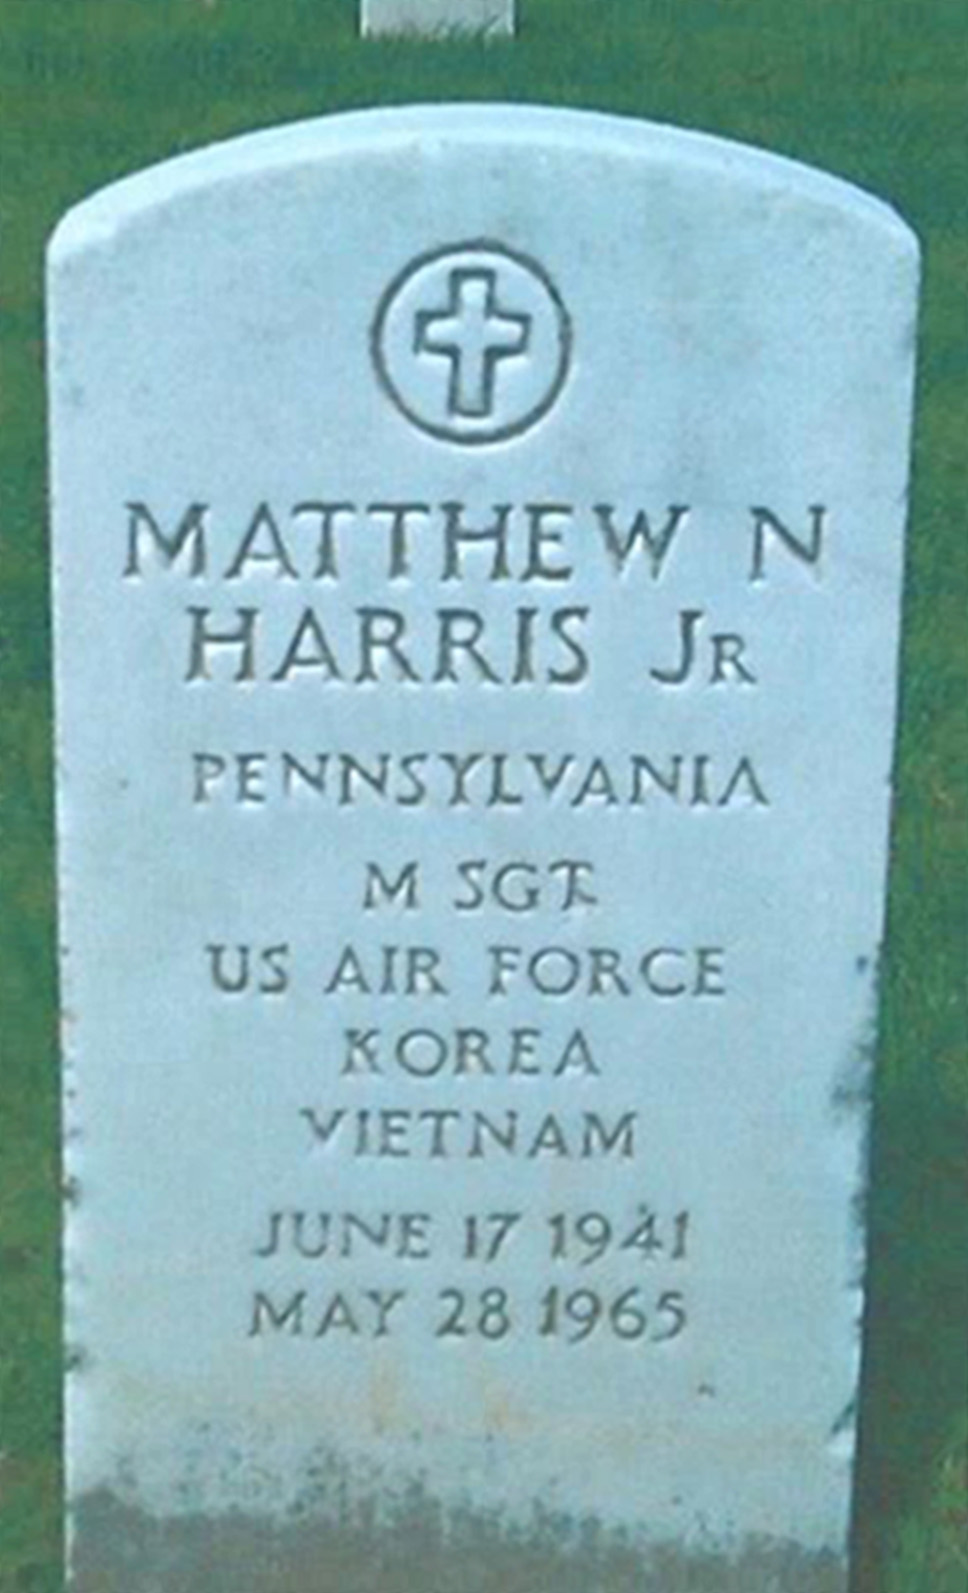 Headstone of Master Sgt. Matthew N. Harris, Jr.